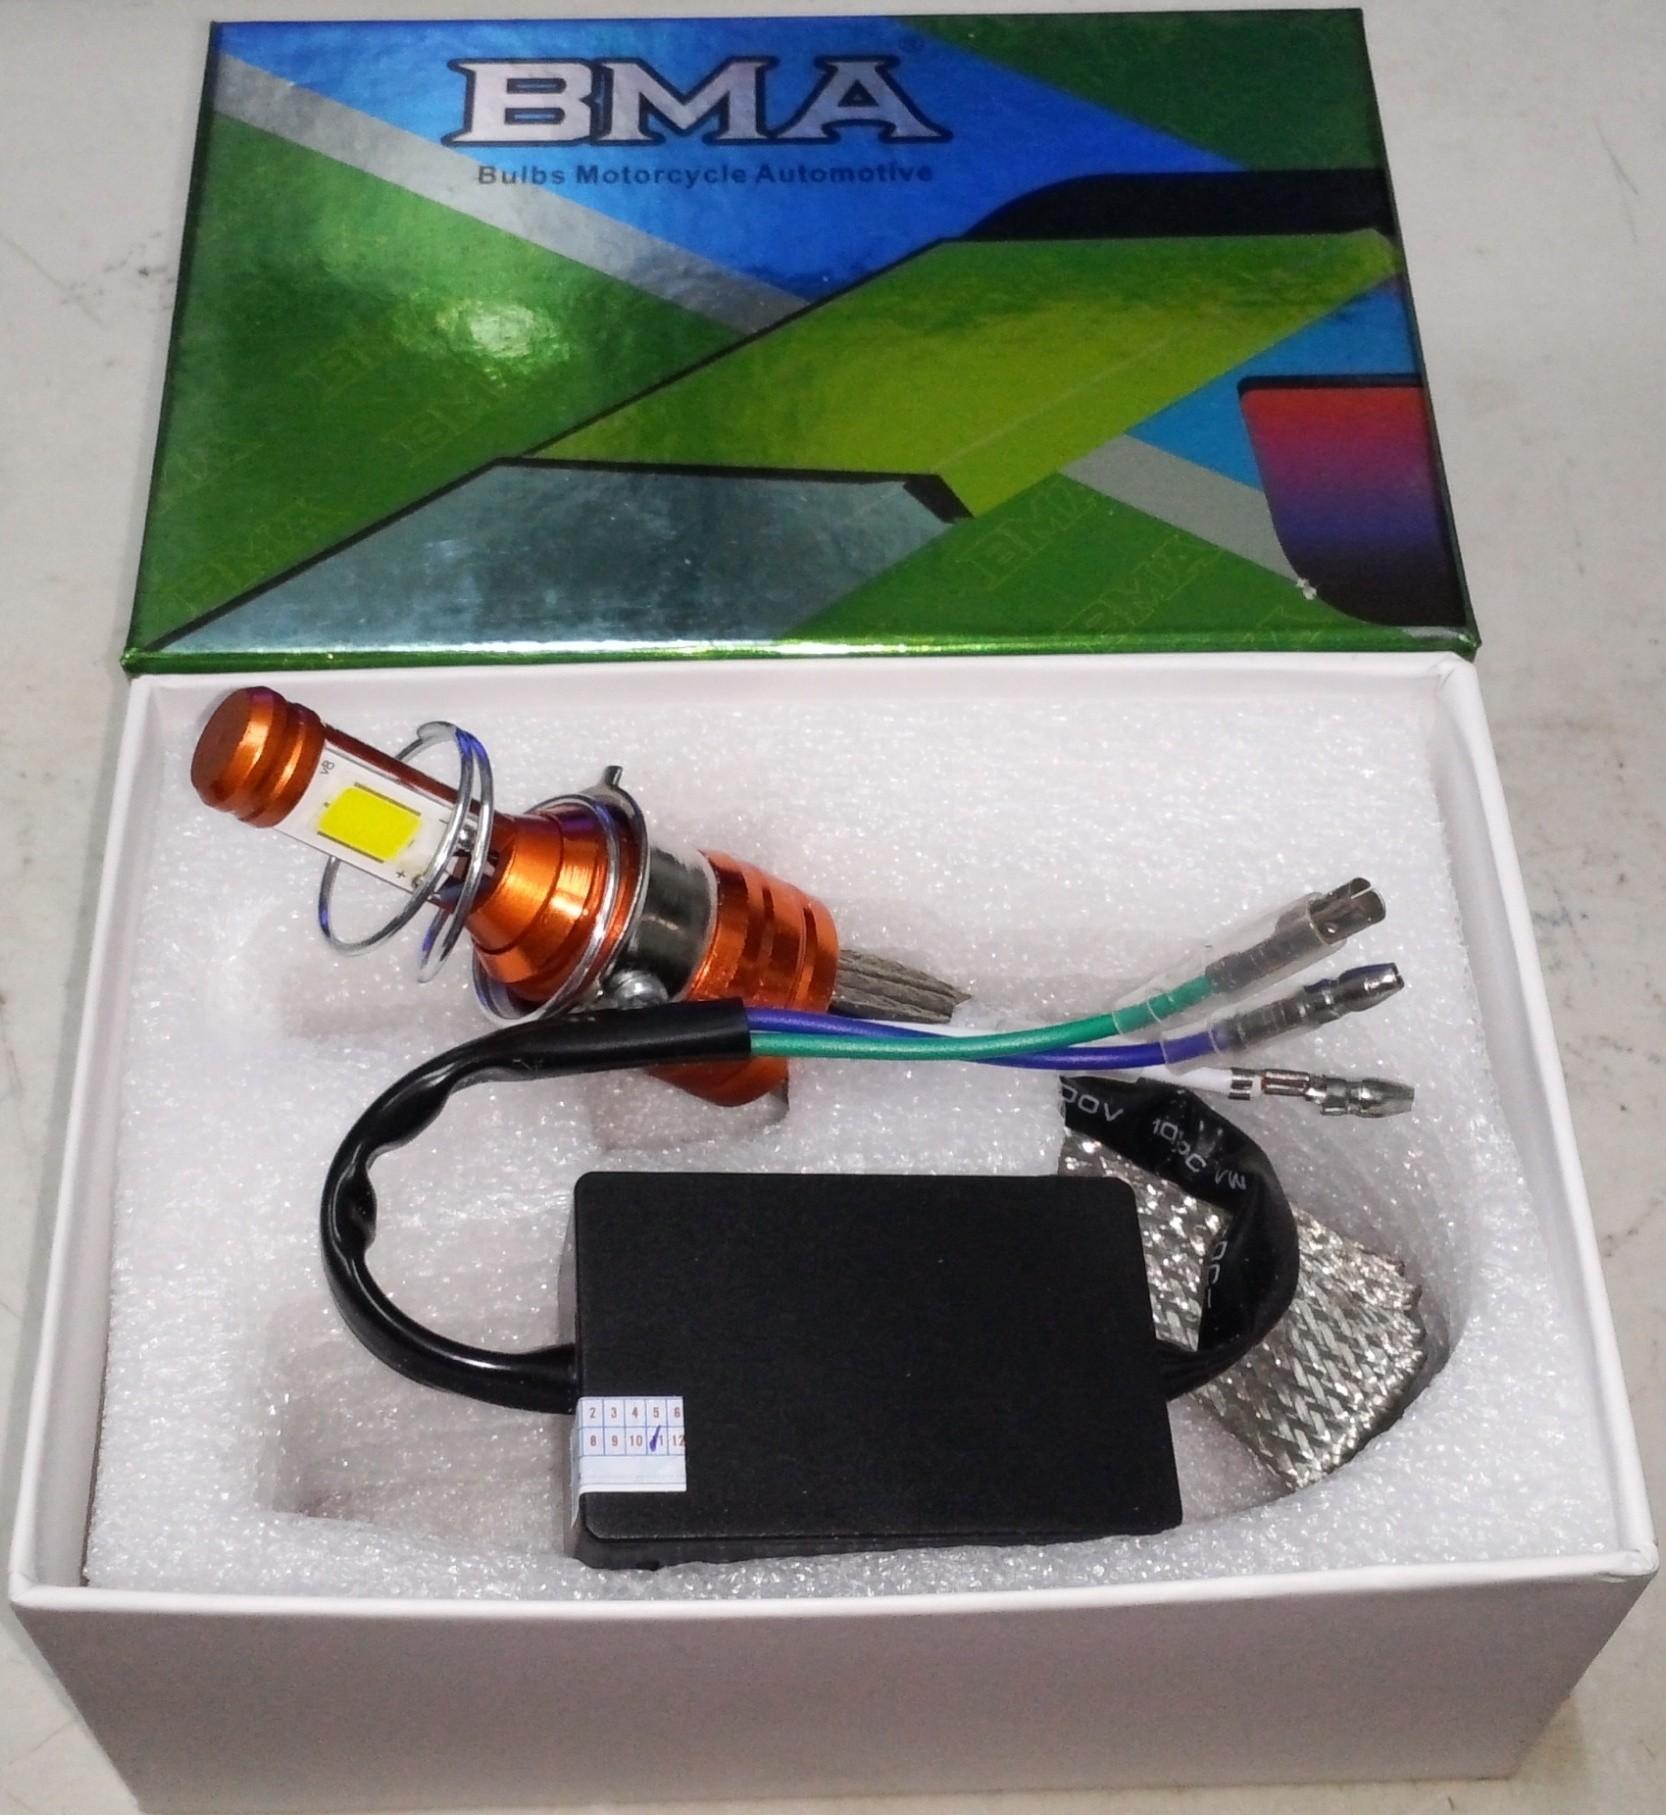 BMA LED Cao cấp - Bóng đèn Led xe máy chân M5 - 12v AC or DC, giá tốt nhất  195,000đ! Mua nhanh tay!